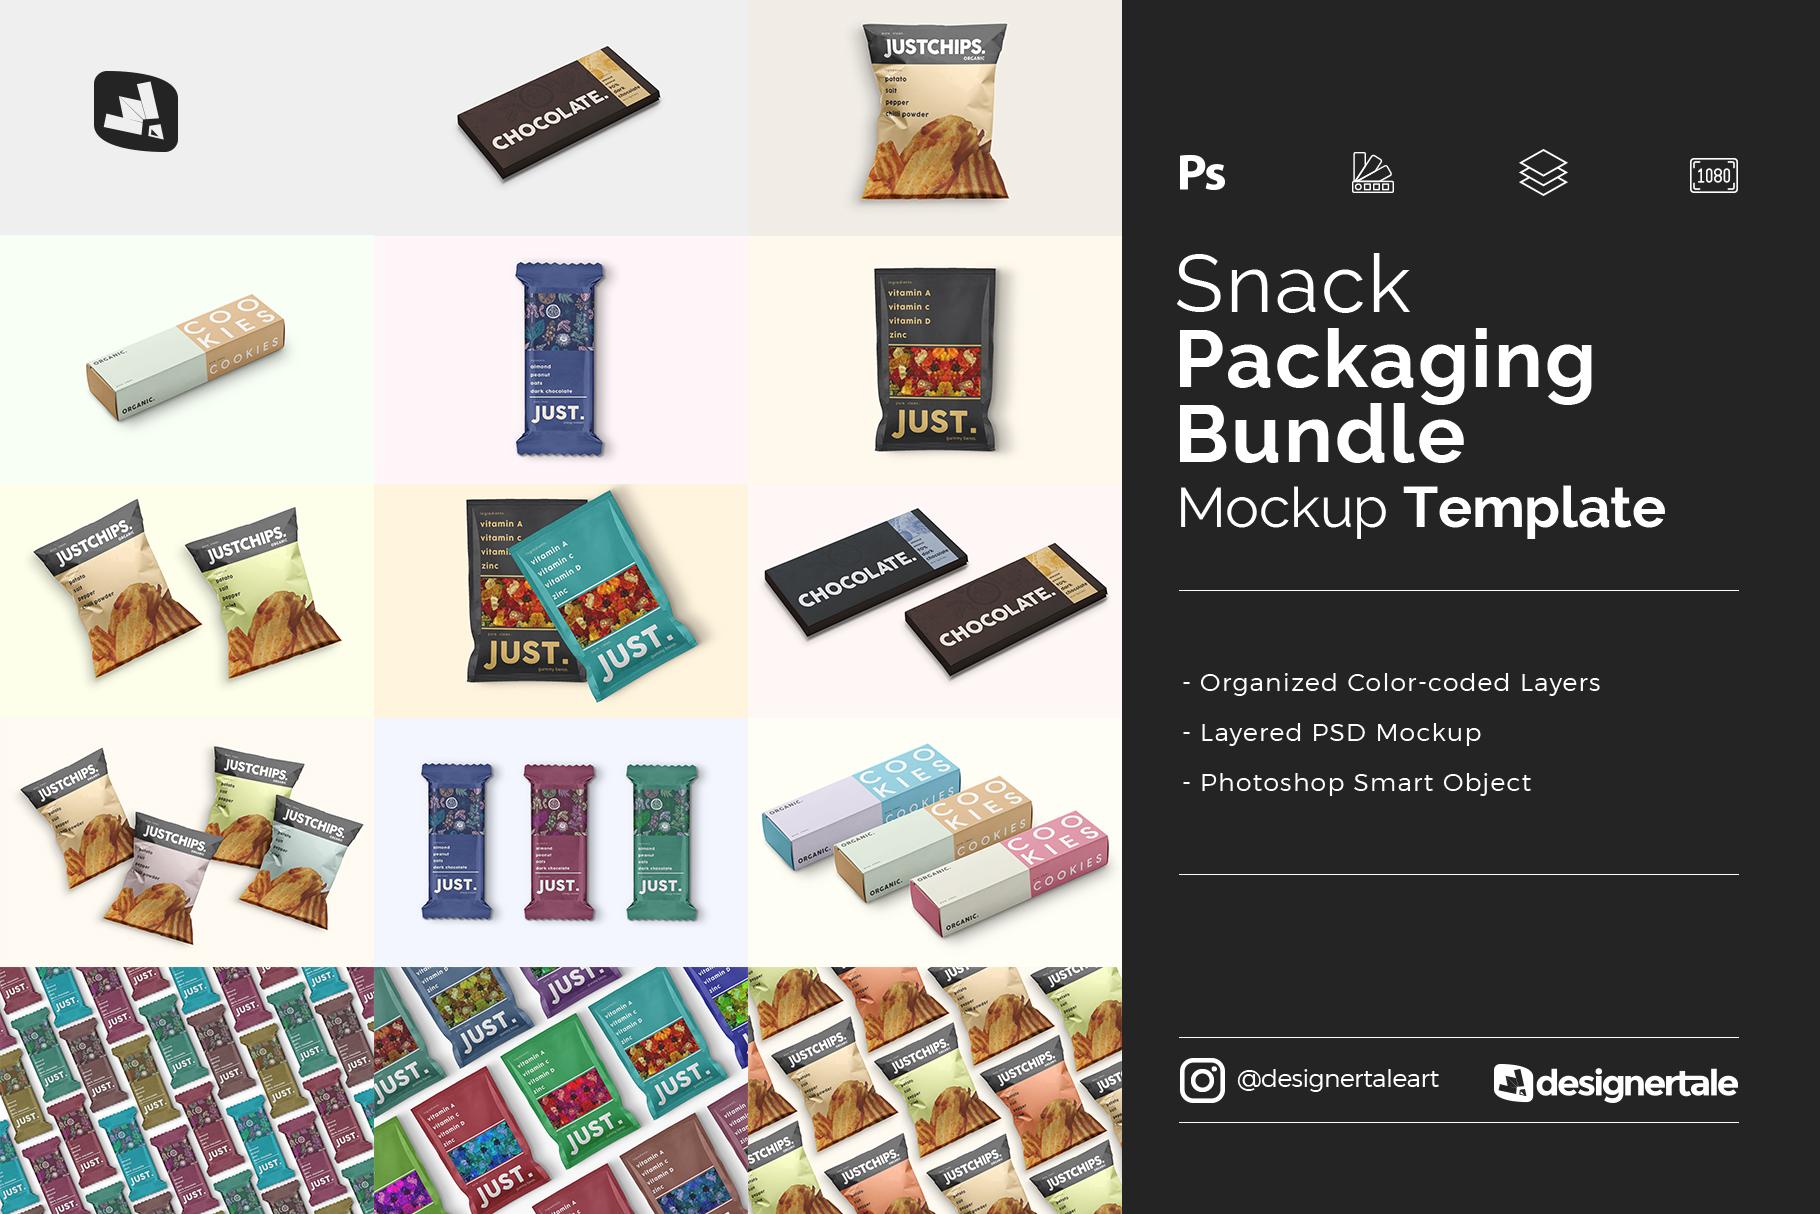 snack packaging mockup bundle